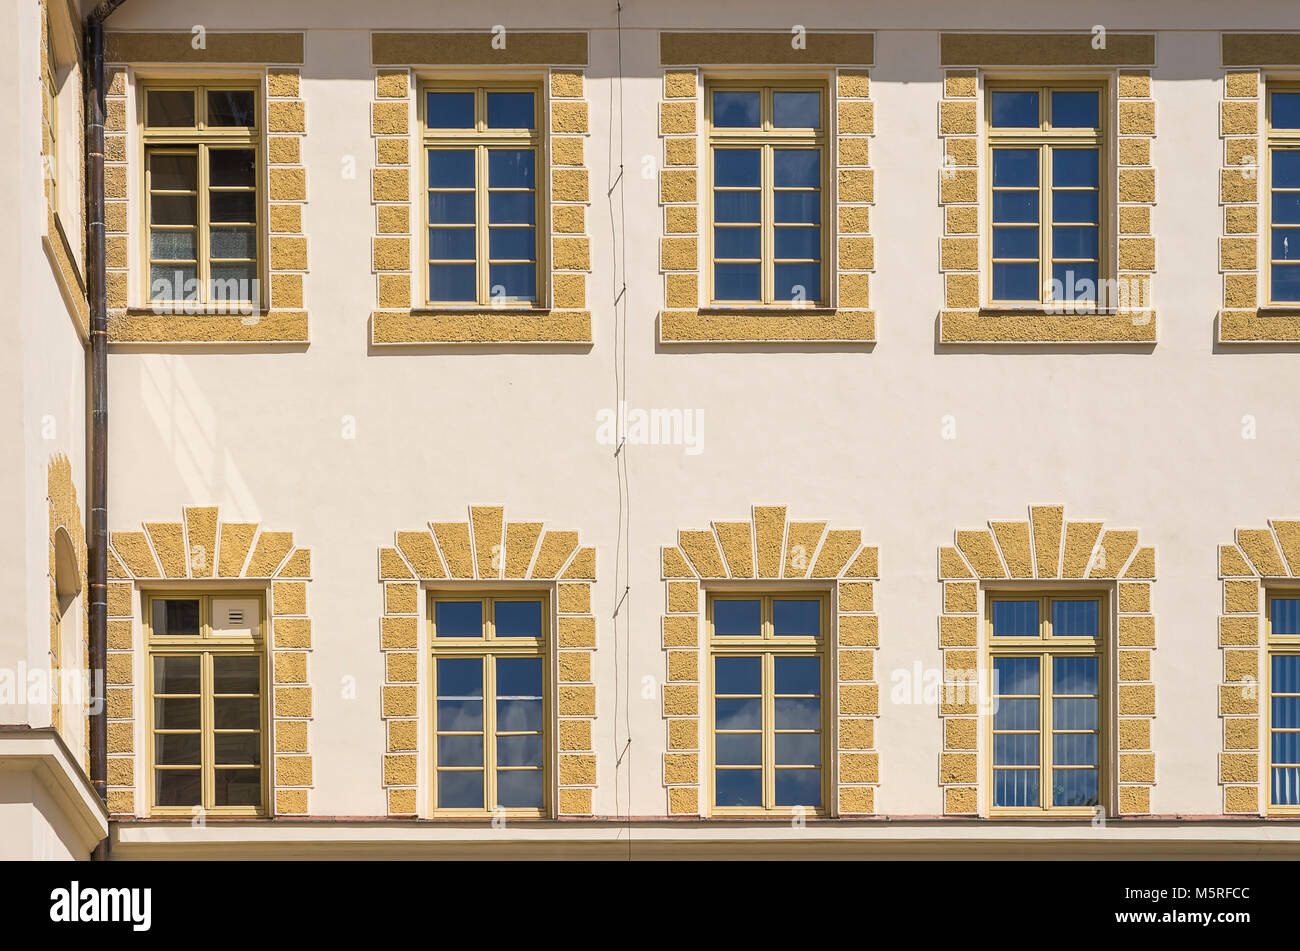 Reihen von Fenstern in den Innenhof Fassade des historischen Rathauses von Klatovy, Tschechien. Stockbild